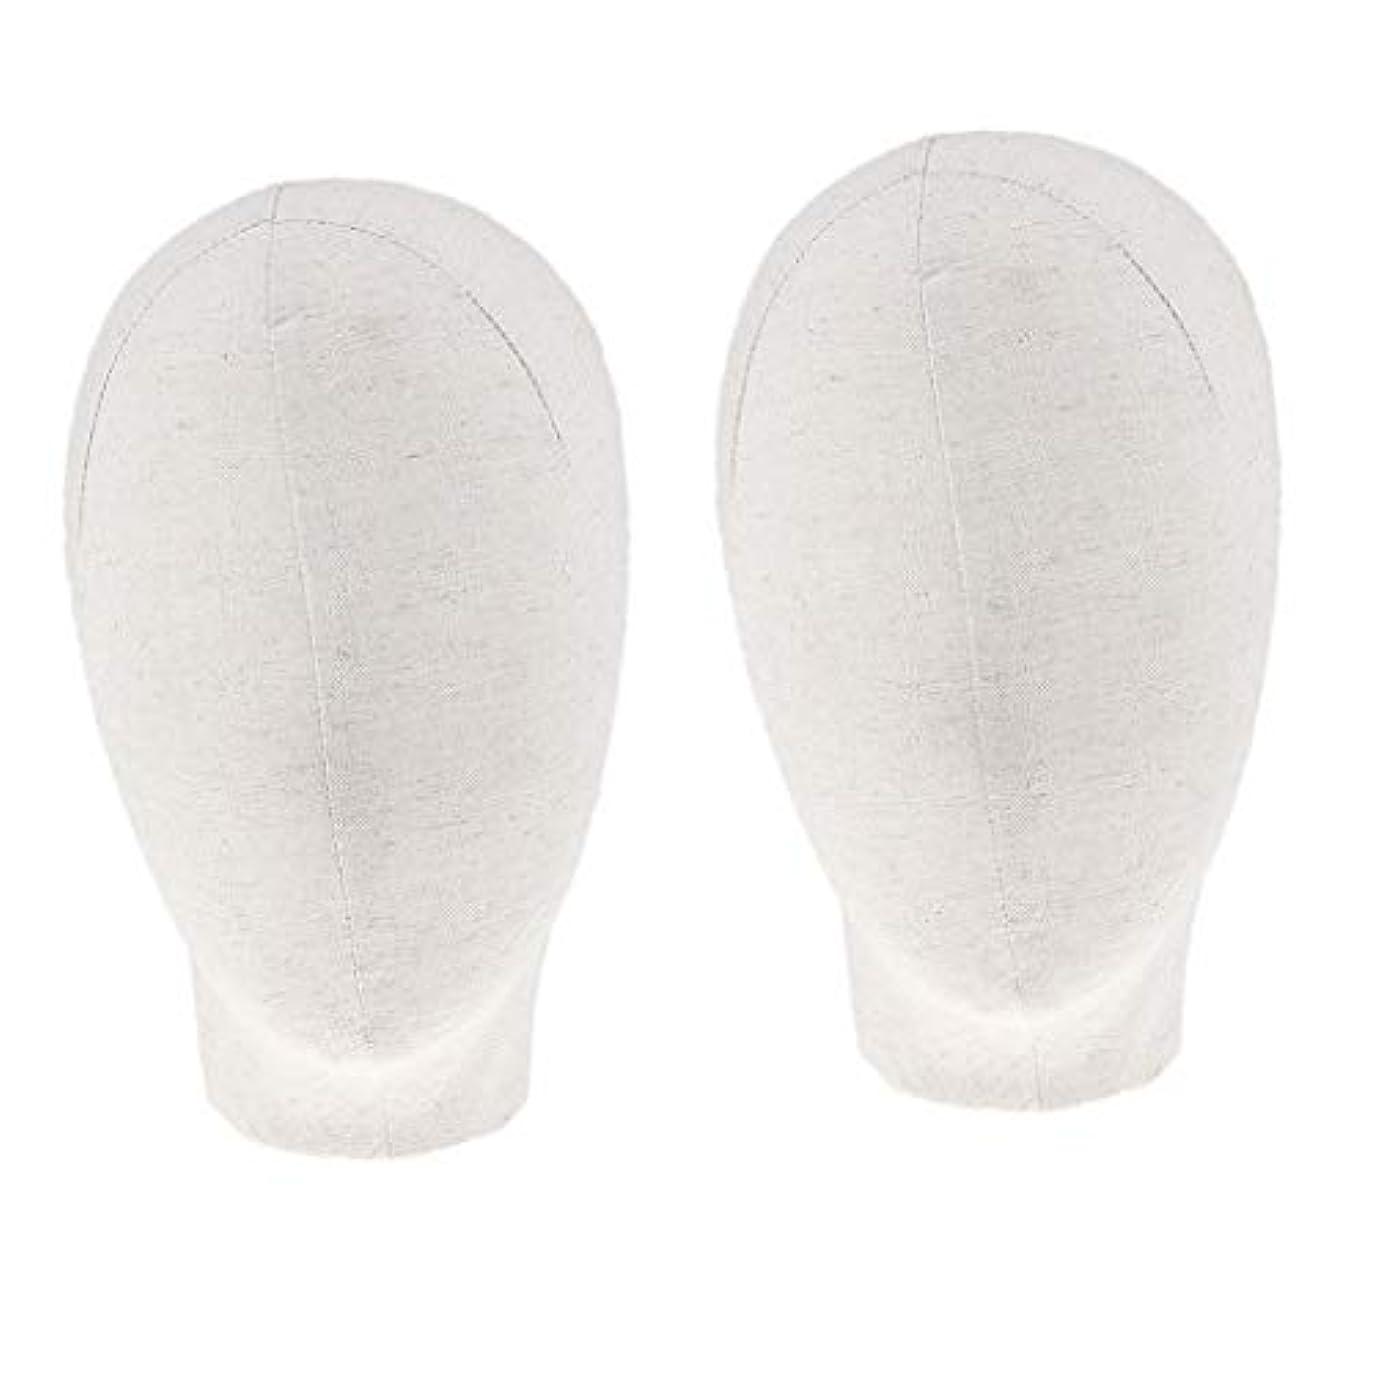 銅老人周術期Perfeclan マネキンヘッド ディスプレイ かつら 帽子 メガネ ジュエリー ディスプレイホルダー ベージュ